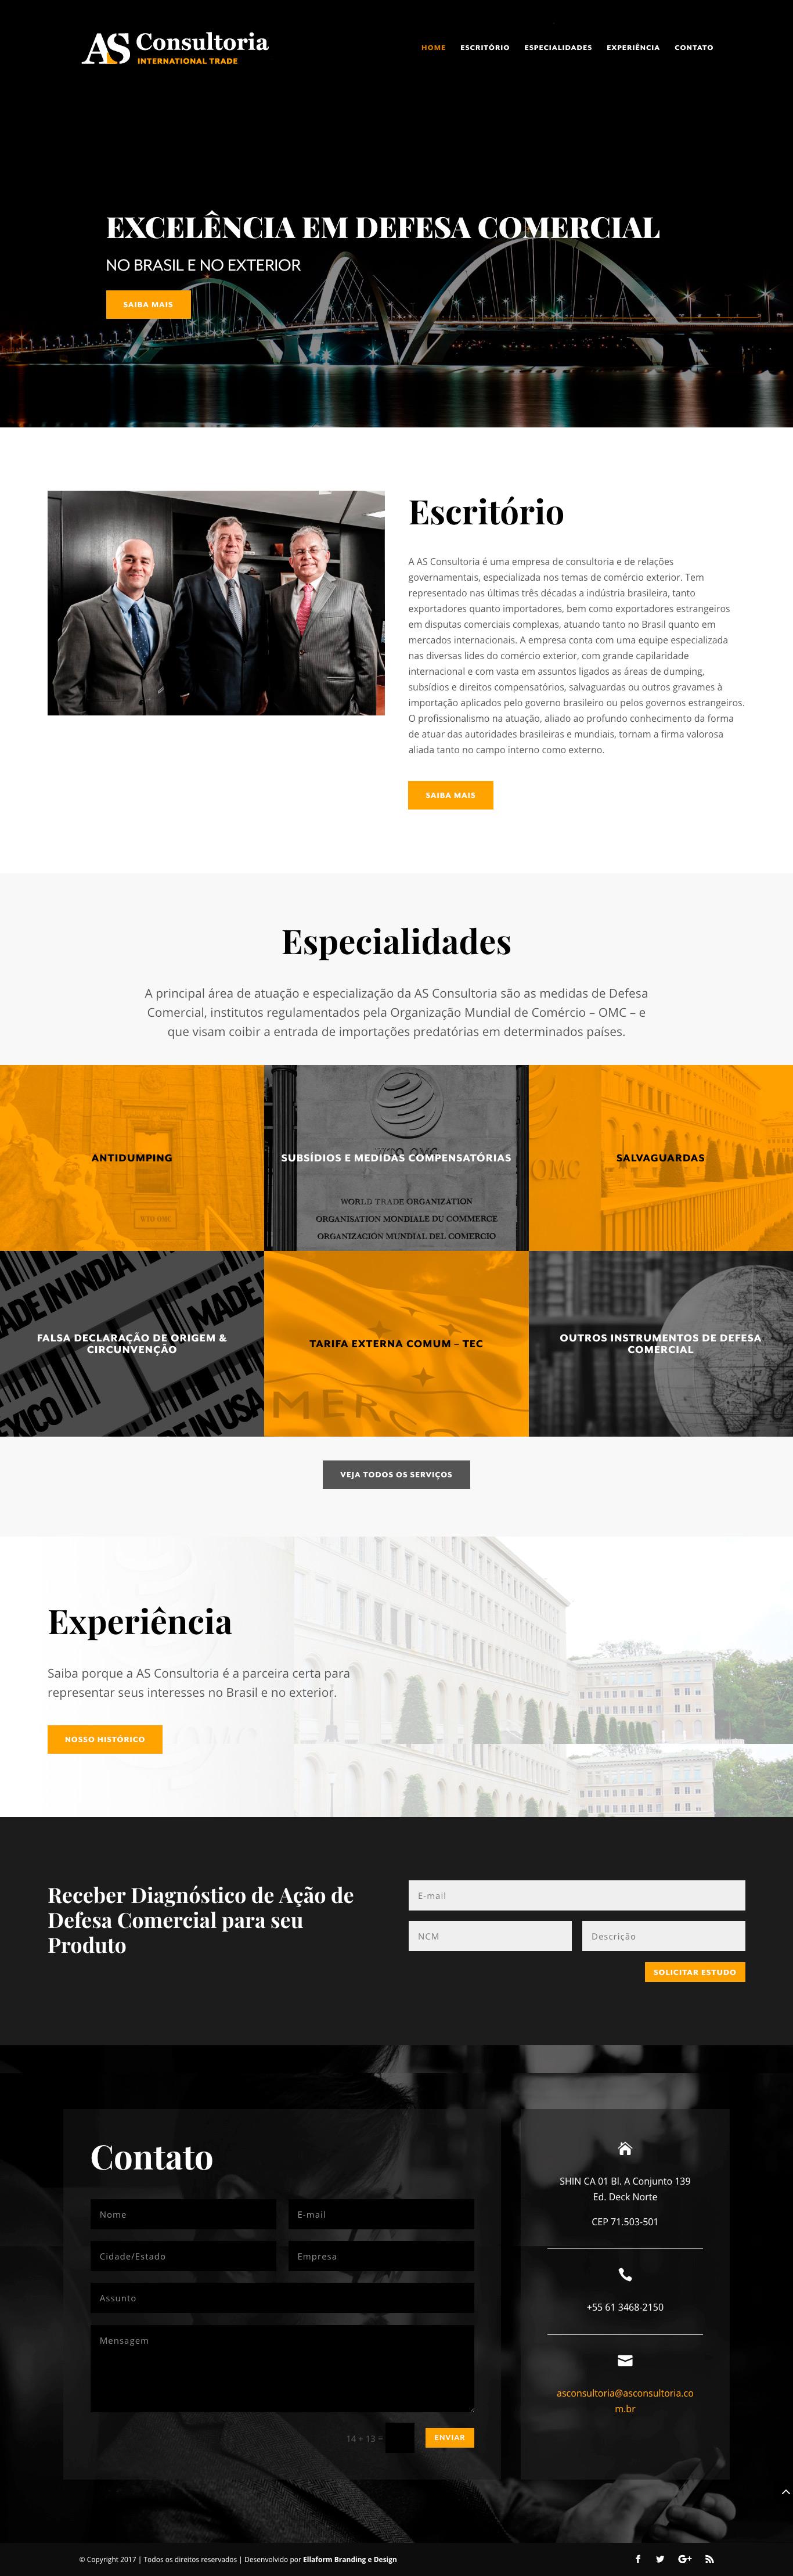 page-asconsultoria-01